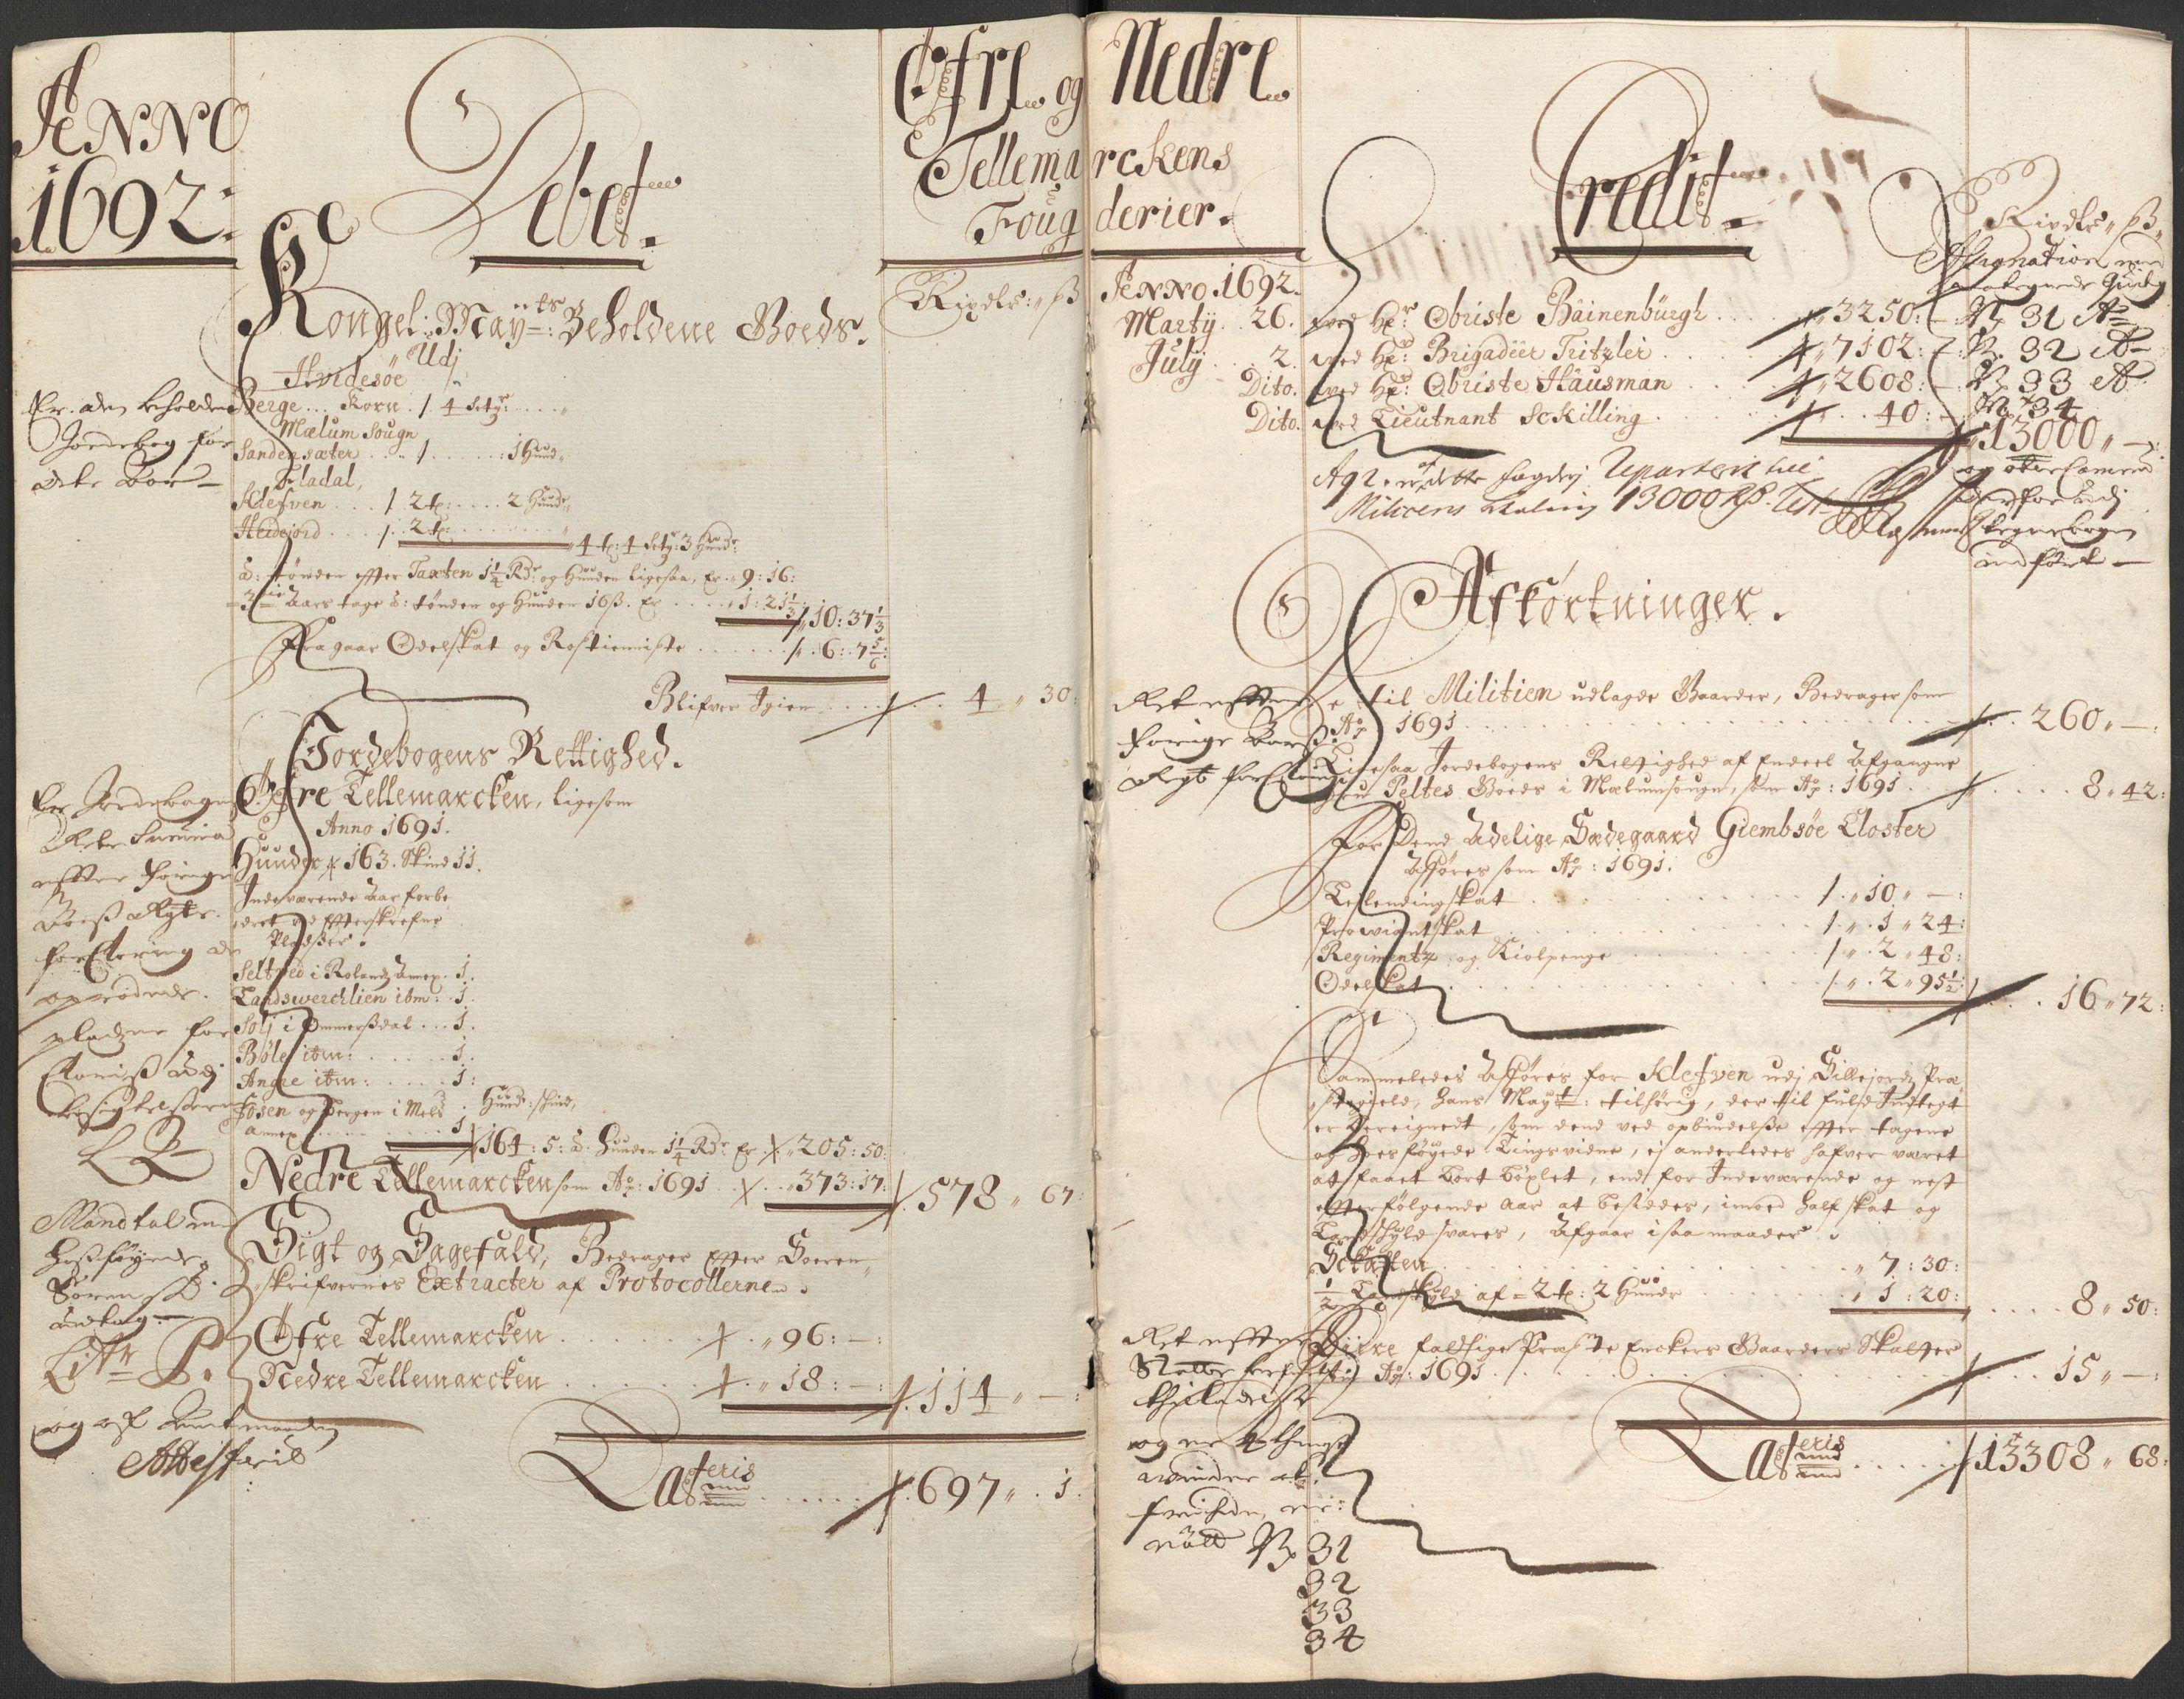 RA, Rentekammeret inntil 1814, Reviderte regnskaper, Fogderegnskap, R35/L2089: Fogderegnskap Øvre og Nedre Telemark, 1690-1692, s. 14